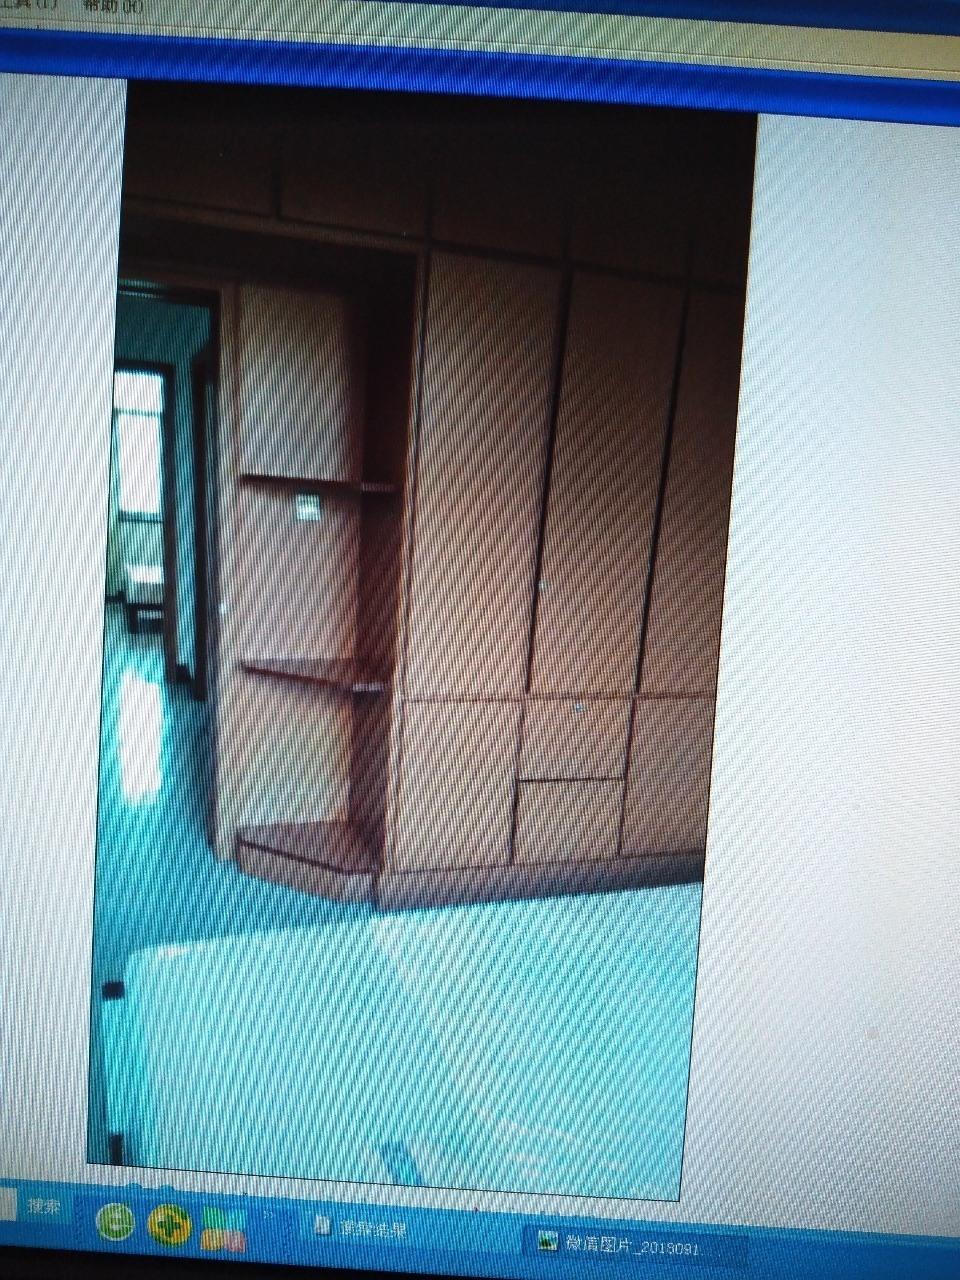 文化尚景一期二樓92平米出售或出租